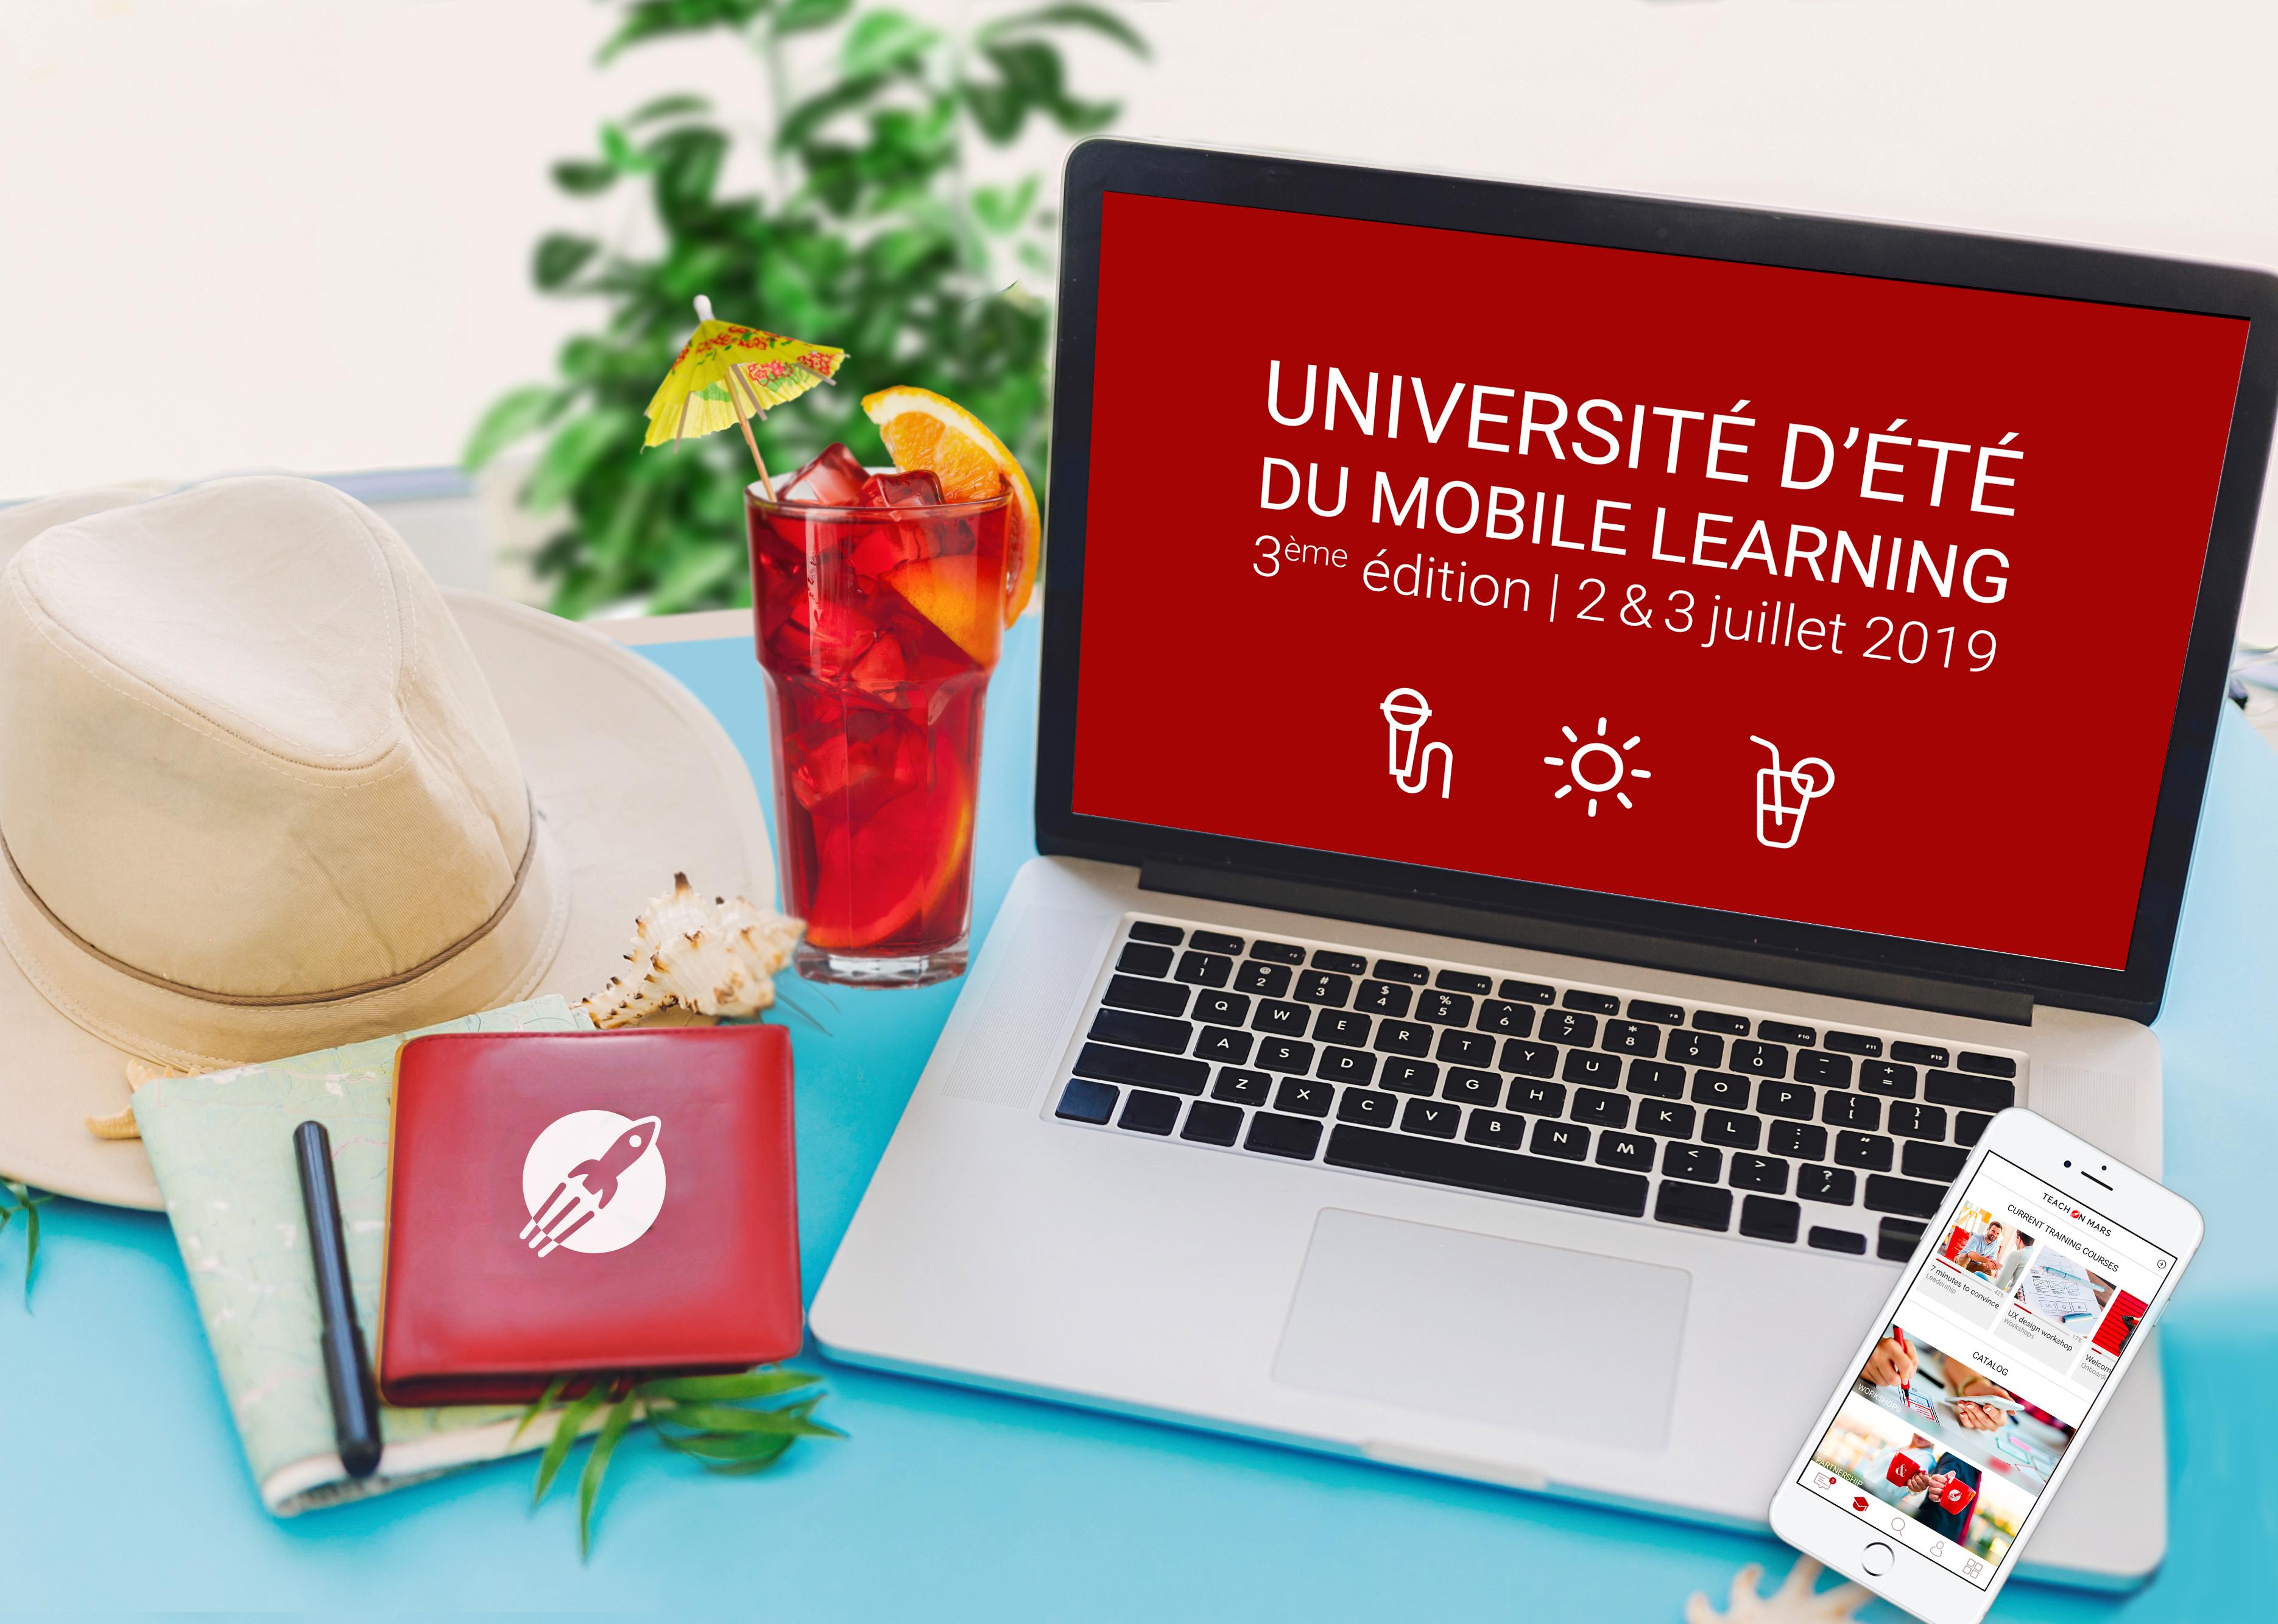 [ACTU ADHÉRENT] Teach on Mars organise la troisième édition de l'Université d'Été du Mobile Learning Les 2 et 3 juillet